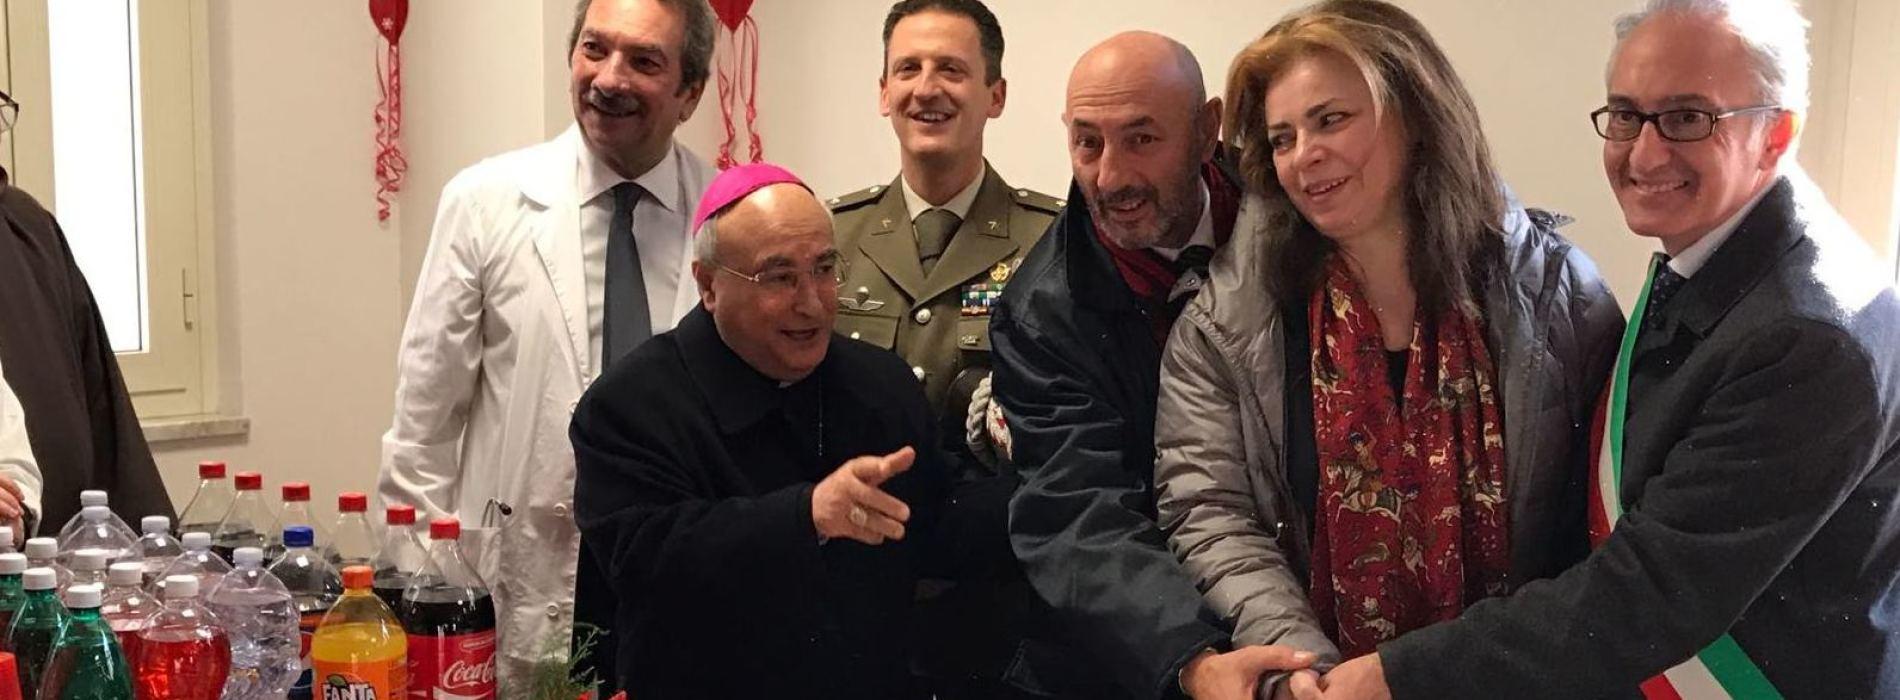 Natale Insieme all'Ospedale di Caserta, è festa per i bimbi